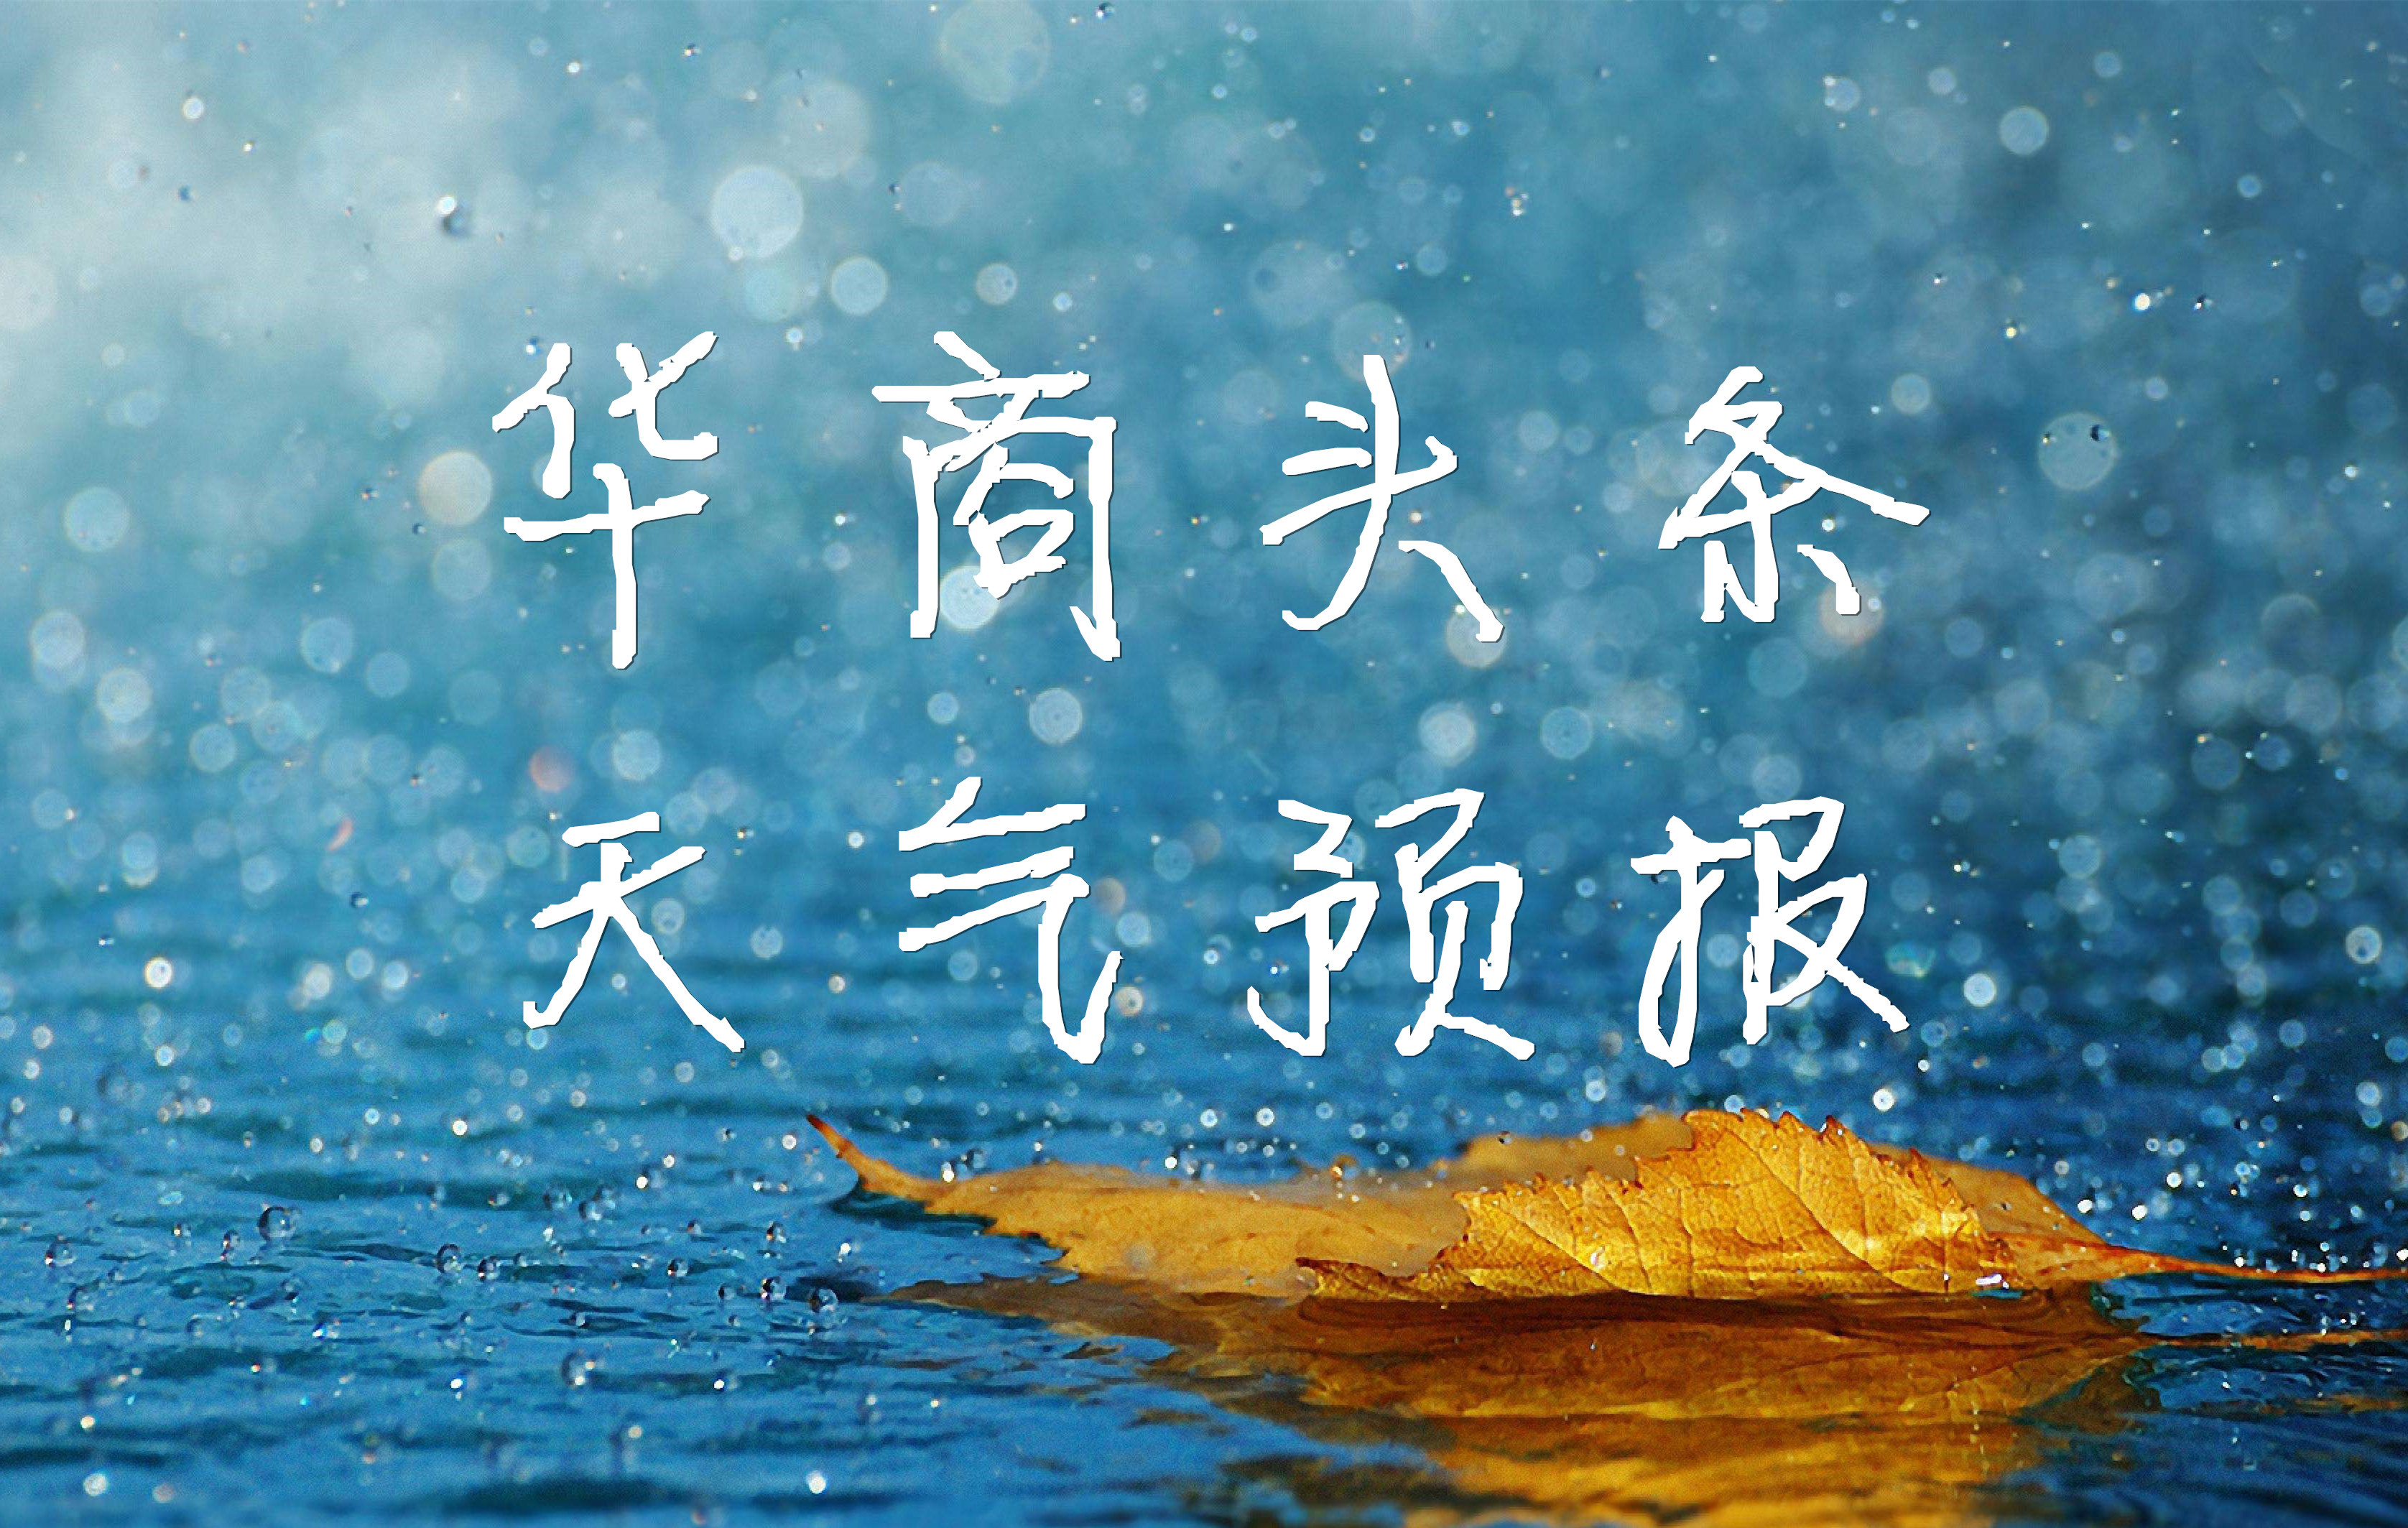 外出注意安全!陝西出现大范围降水、大風天氣